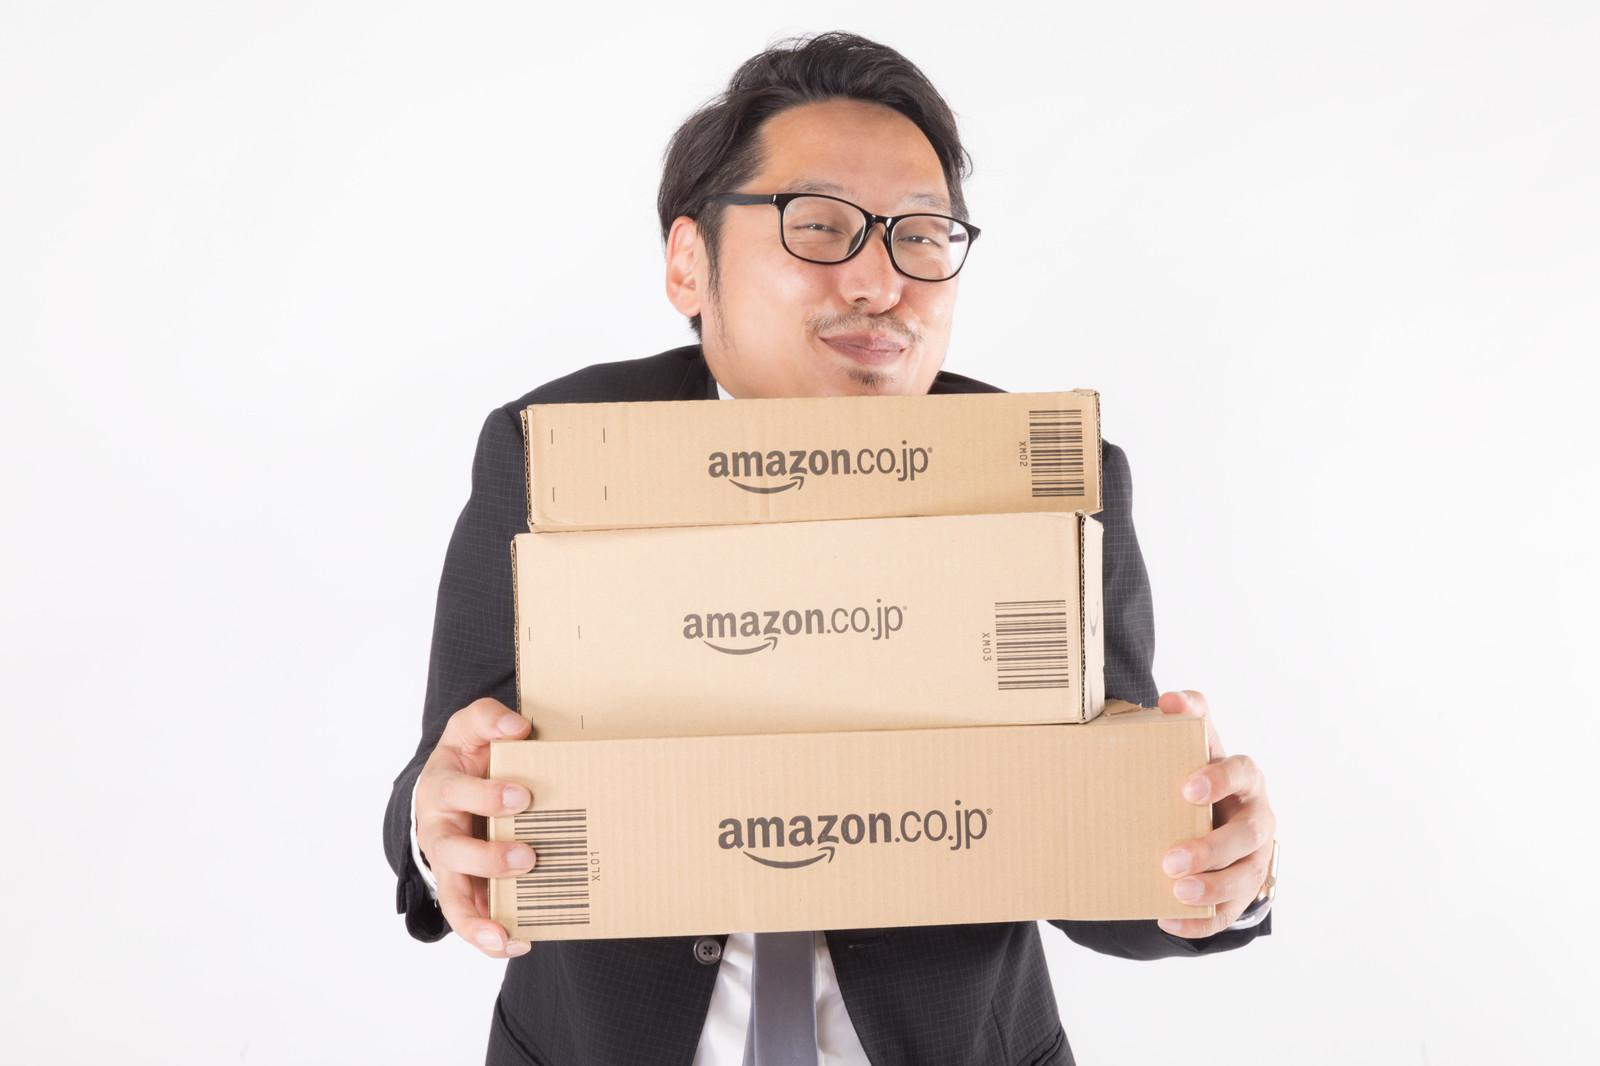 アマゾン出品方法